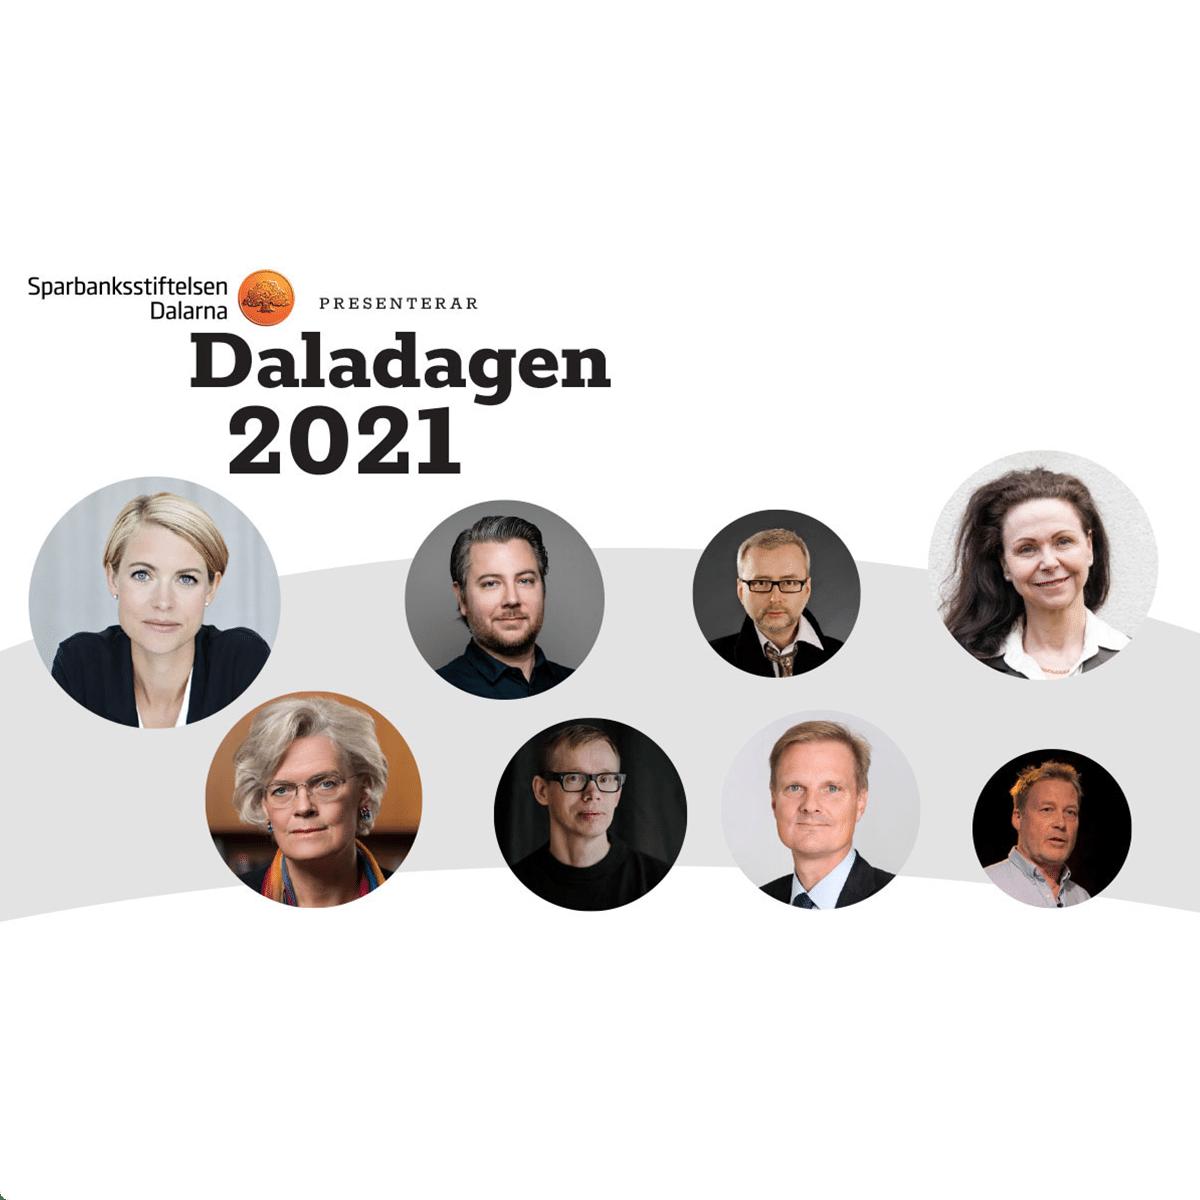 Daladagen 2021